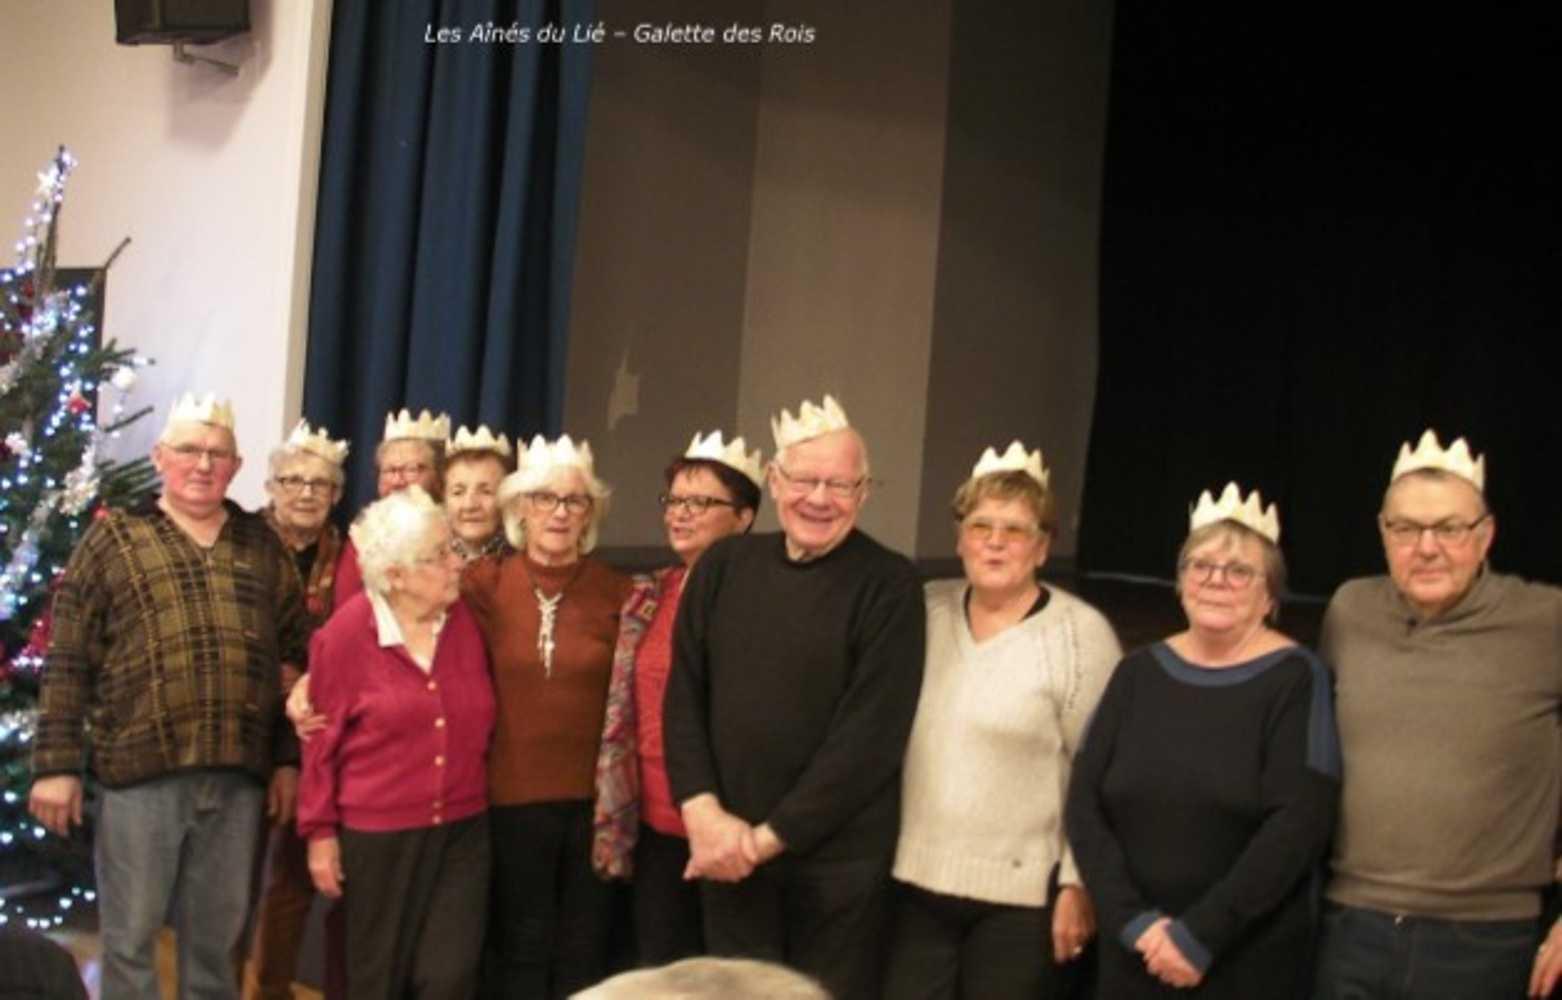 Les Aînés du Lié : photos de la galette des rois image16